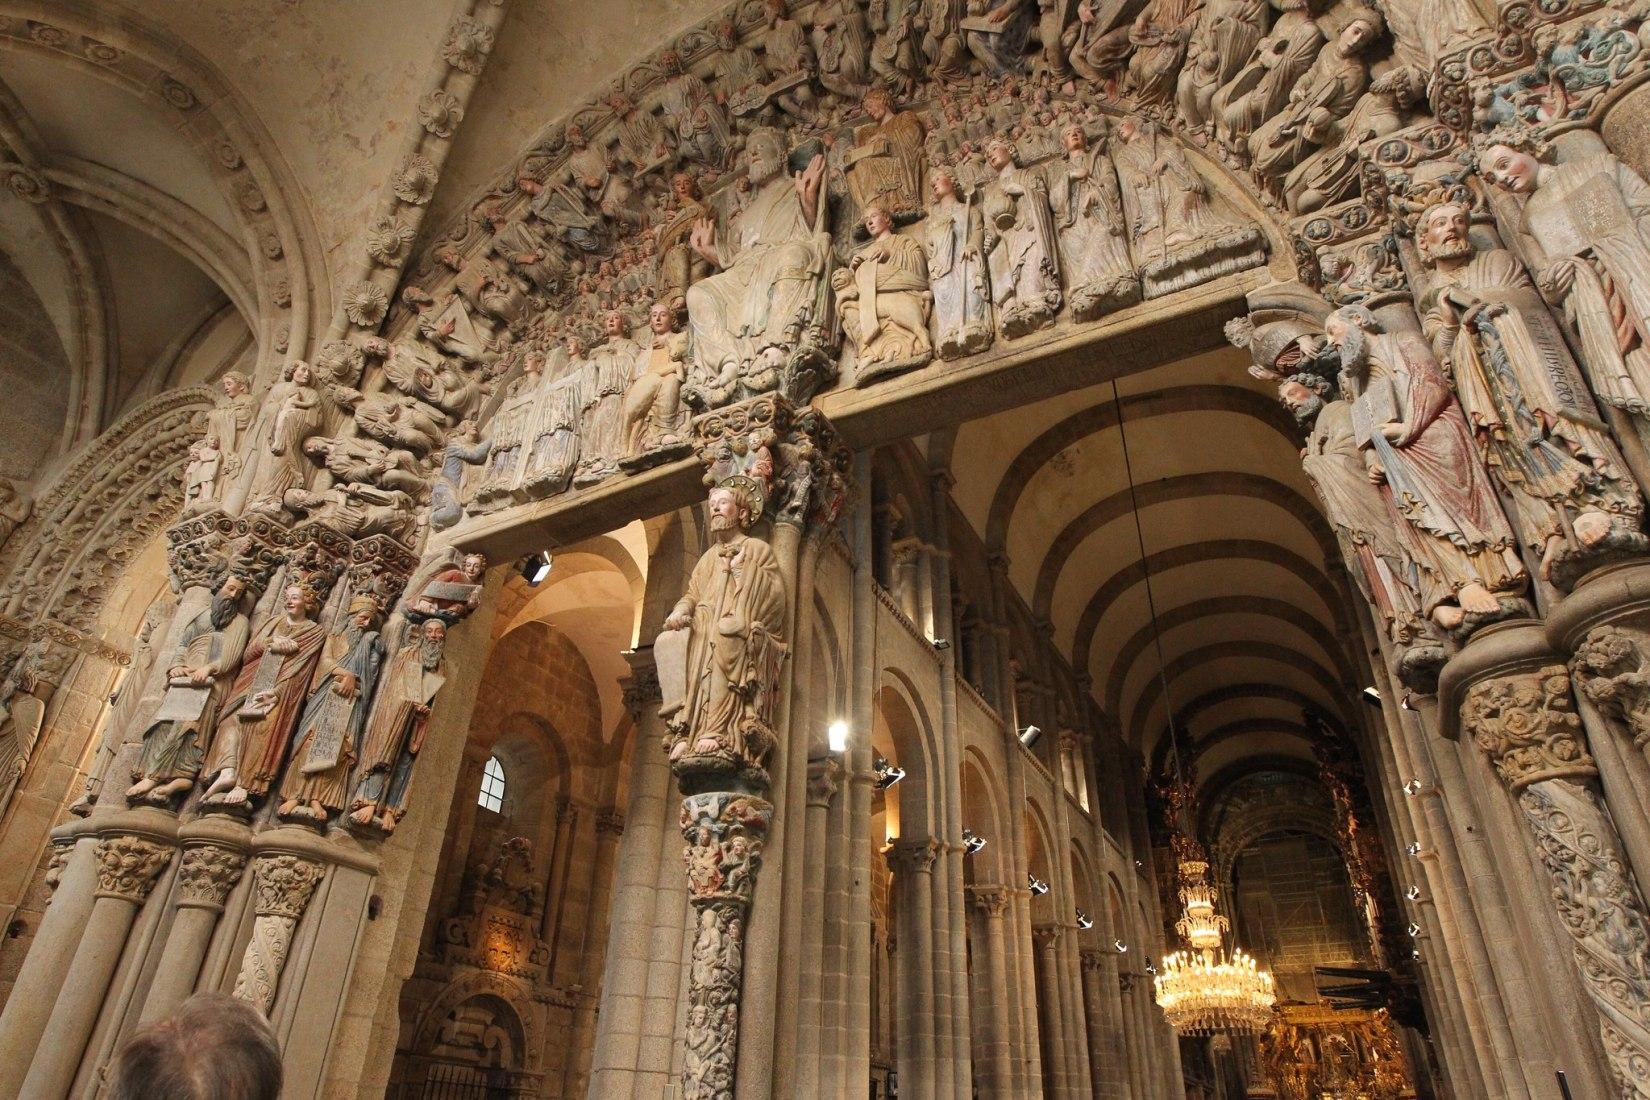 Portal of Glory in Santiago de Compostela Cathedral. Photograph by Programa Catedral Fundación Barrié/Fundación Catedral (2006-2018).